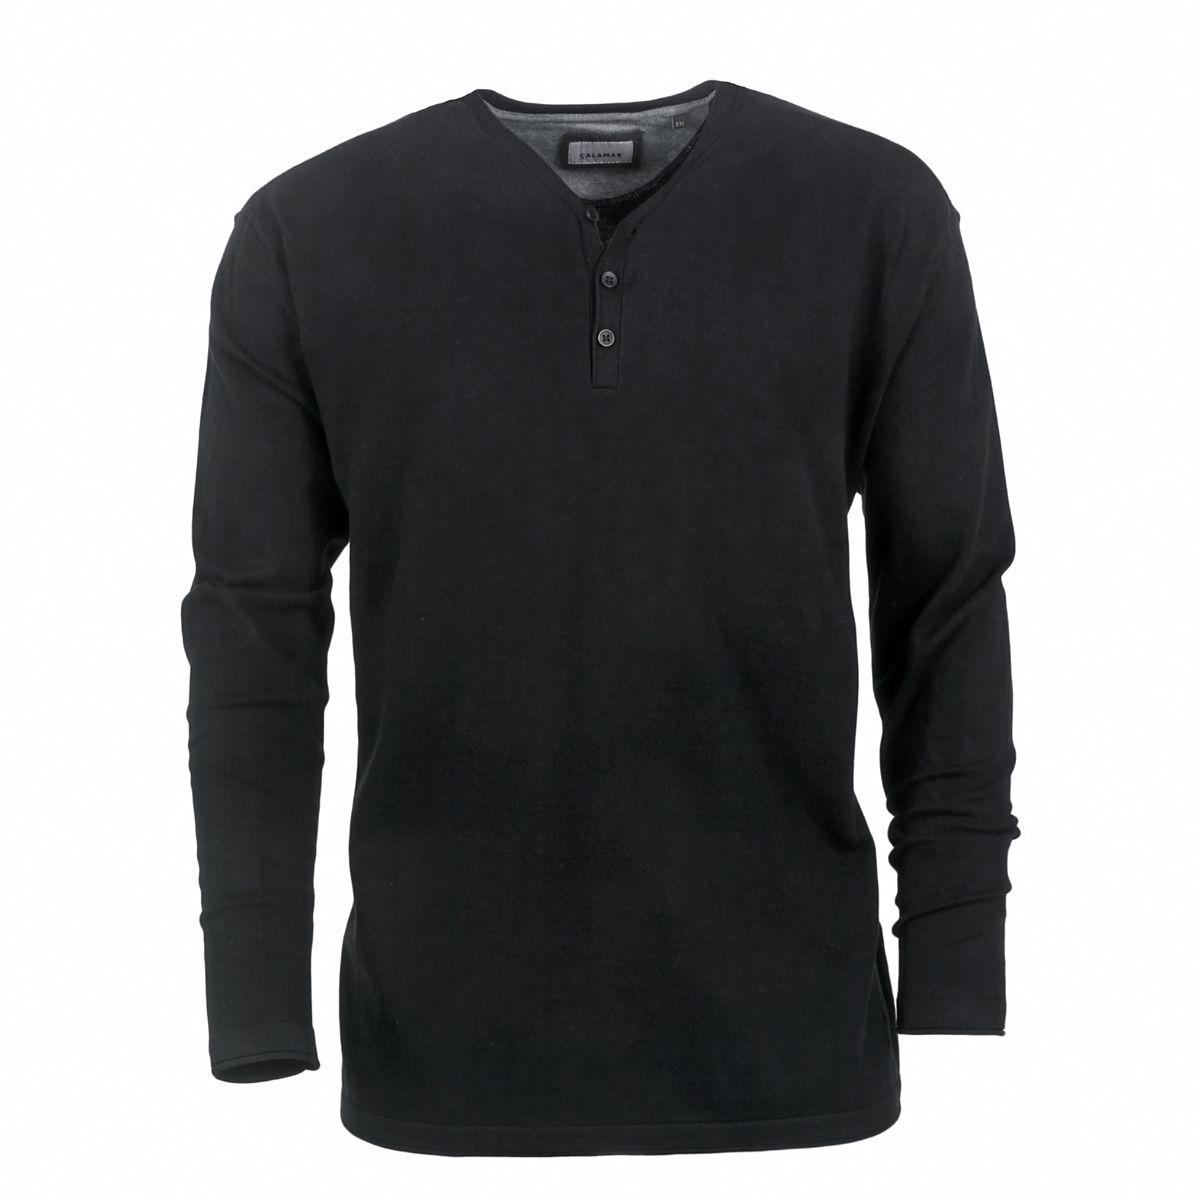 t shirt manches longues noir grande taille du 2xl au 3xl. Black Bedroom Furniture Sets. Home Design Ideas